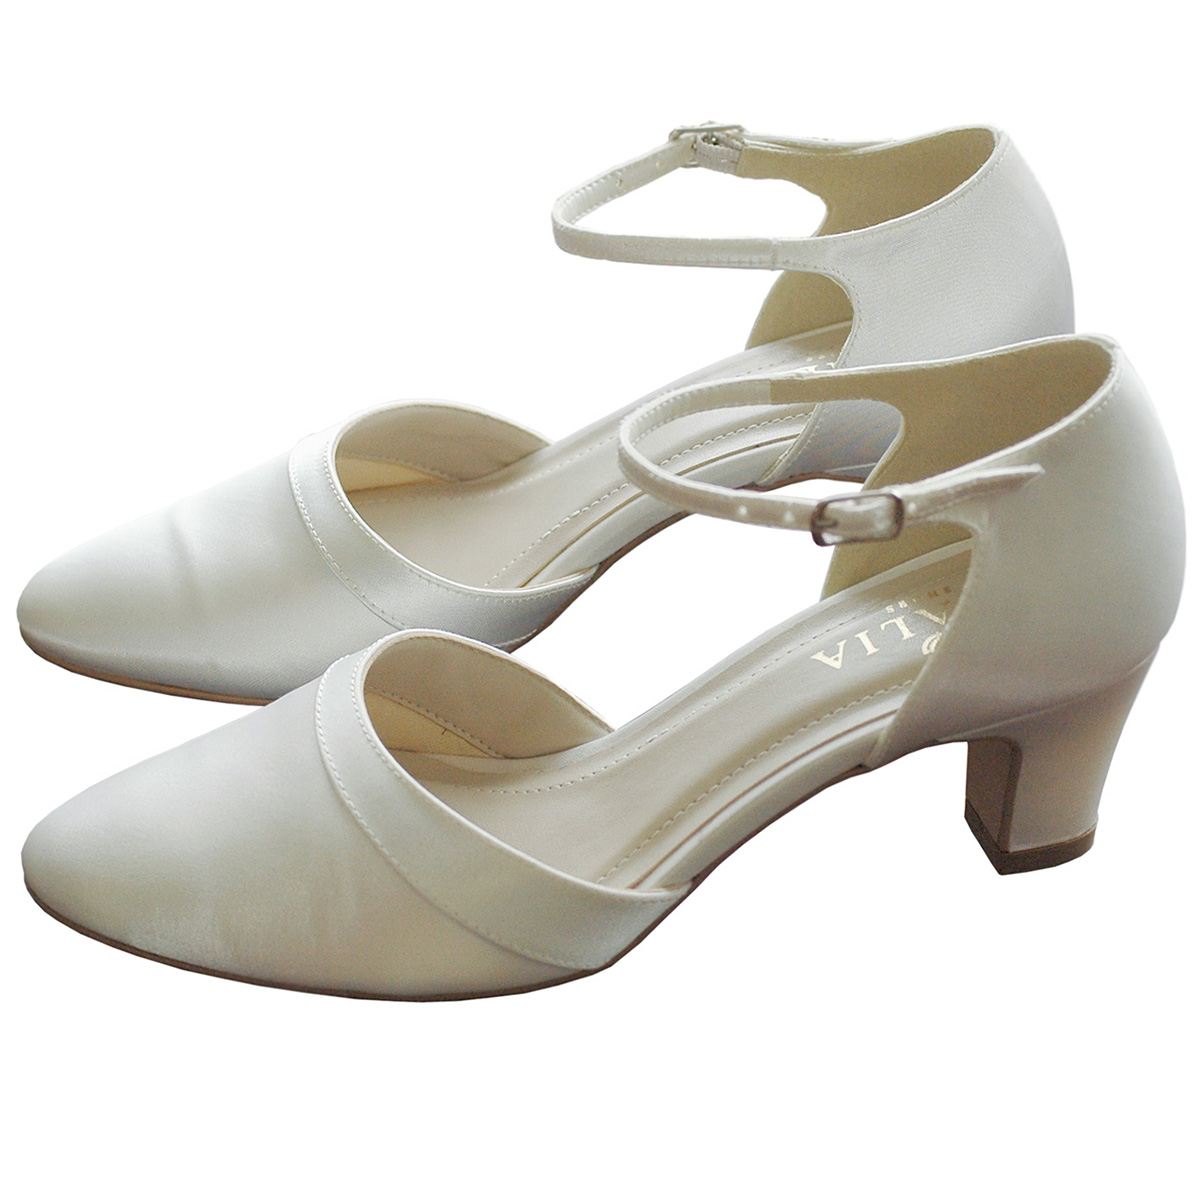 ブライダルシューズ ストラップ付き 6cm ウェディングシューズ パンプス ウェディング 花嫁 靴 白(ウエディング ブライダル)[E37]【送料無料】【送料無料】